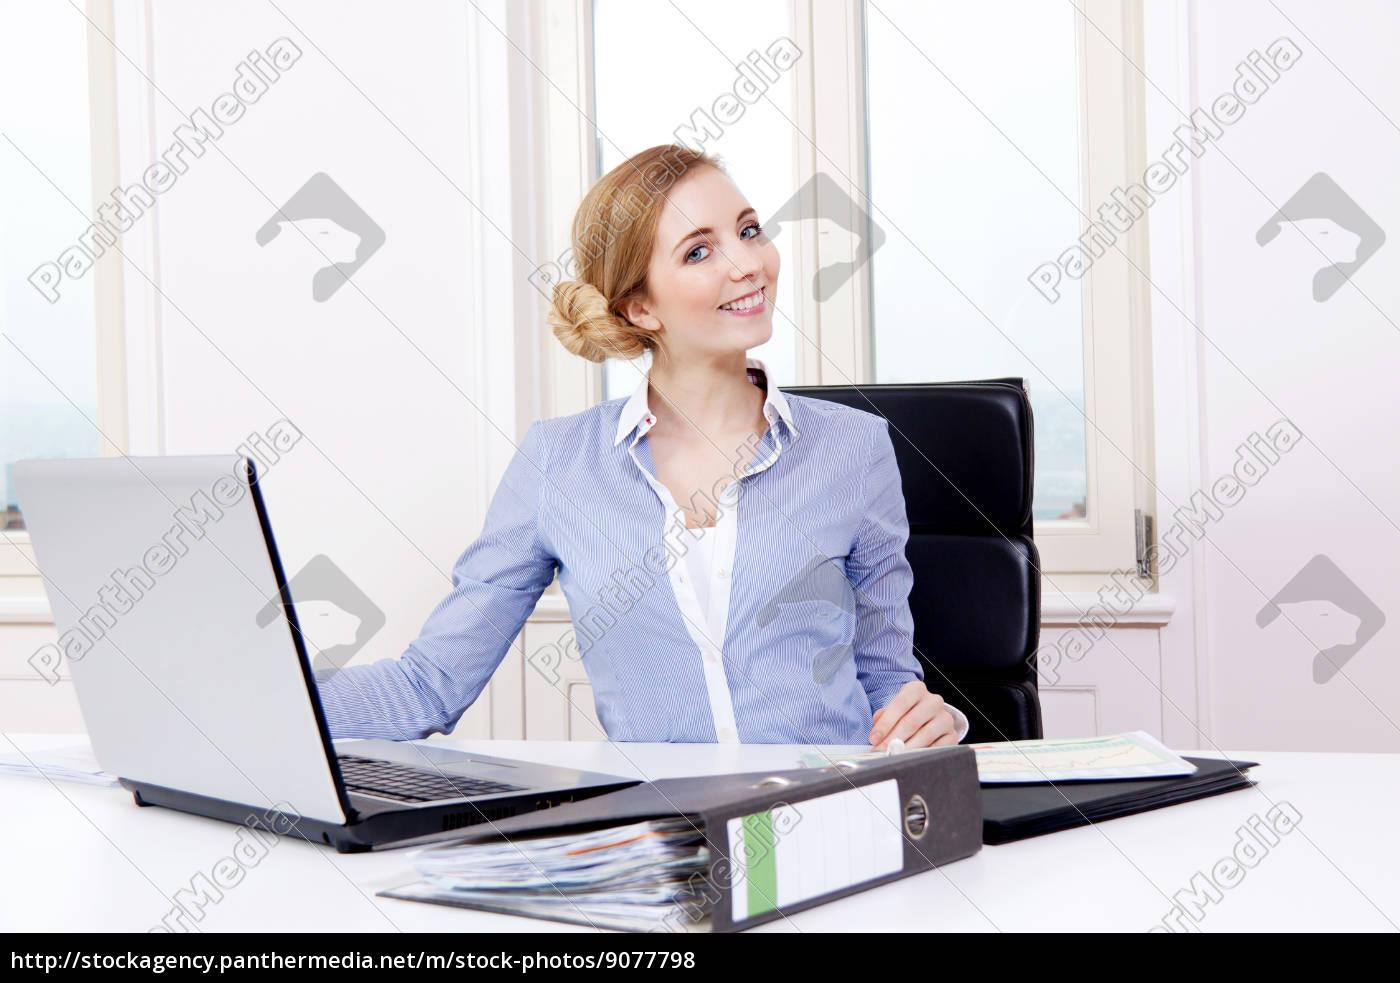 ung, blond, kvinde, der, arbejder, i, et - 9077798